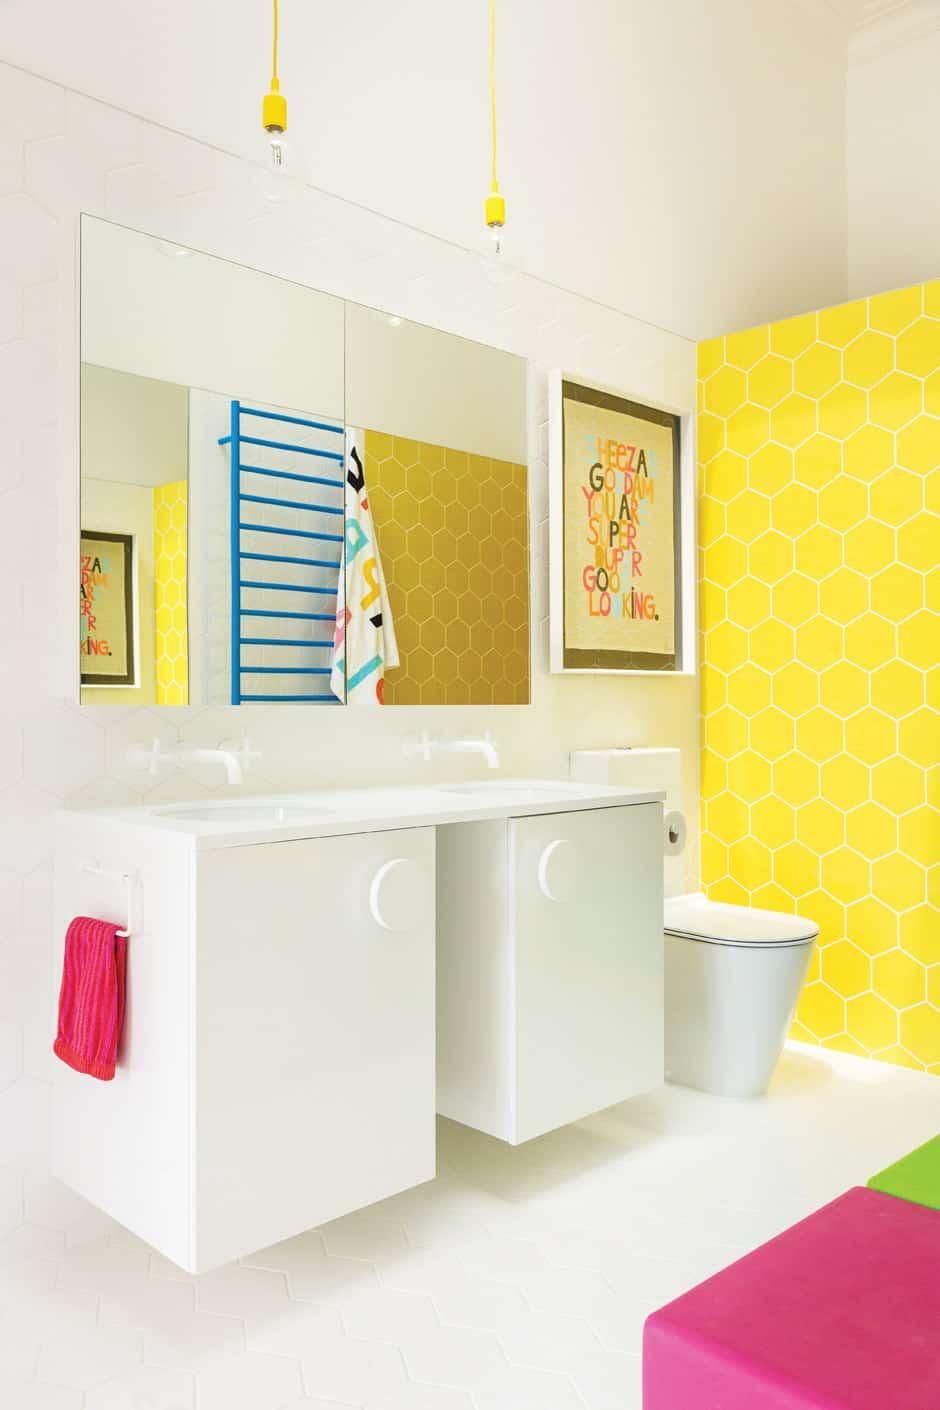 alex_fulton_bathroom_homestyle_9